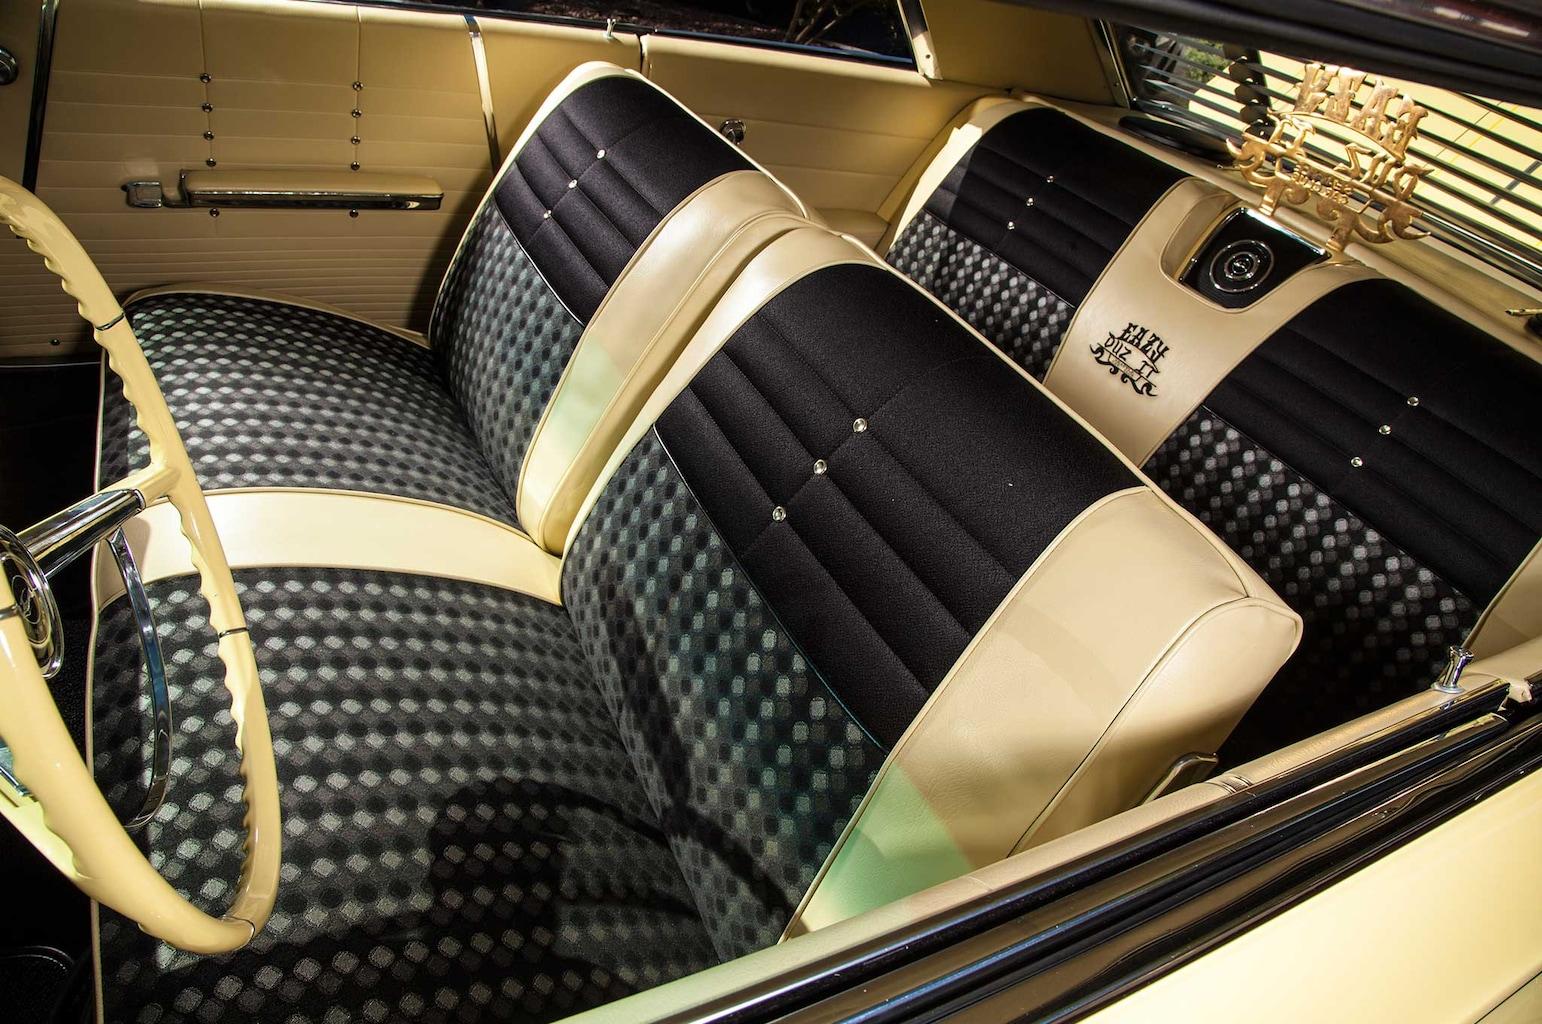 Chevrolet Impala Ciadella Interior